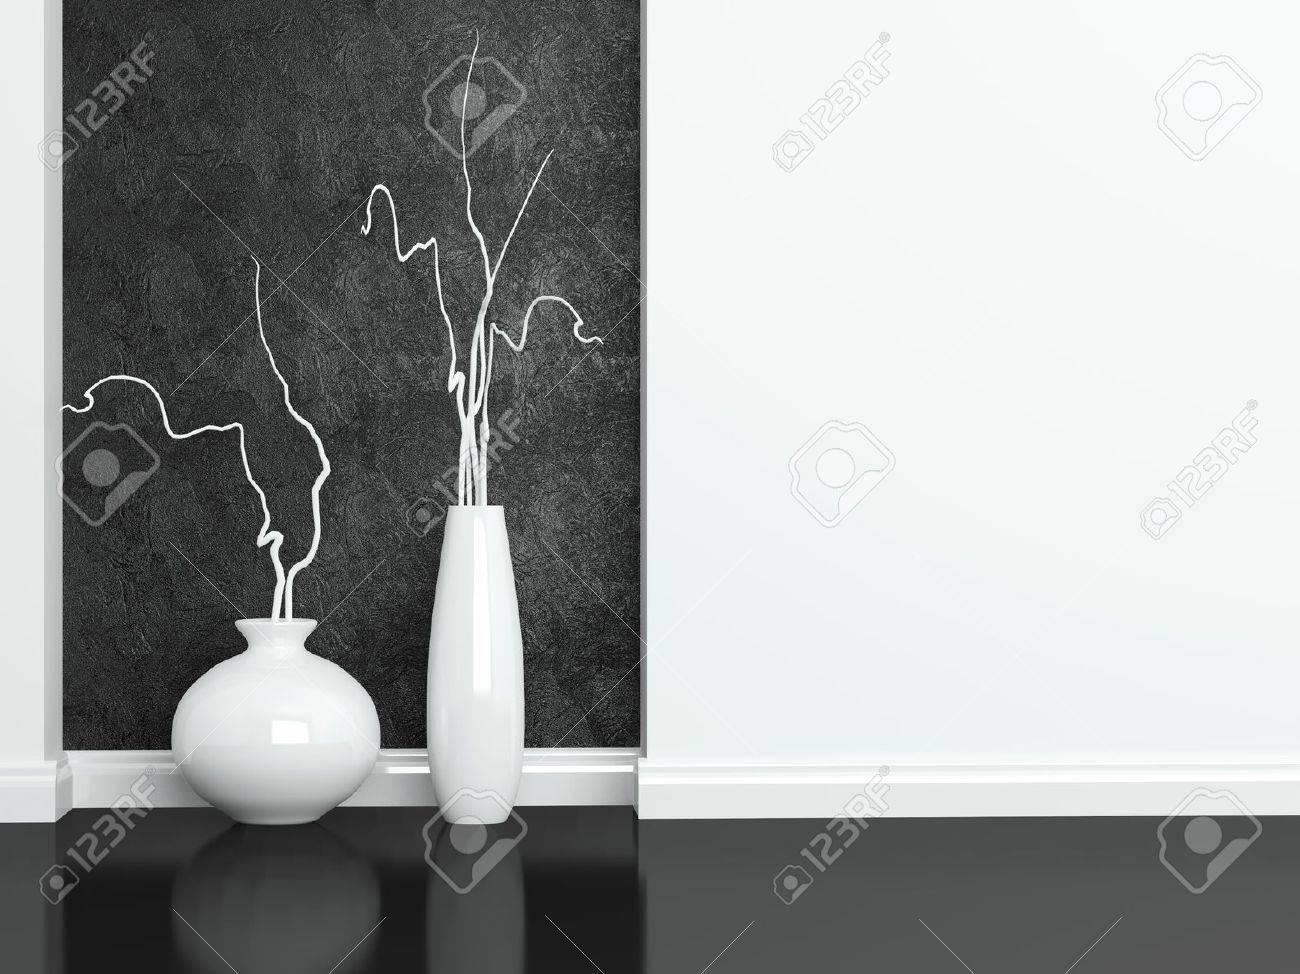 dettaglio colpo di mobili moderni soggiorno in bianco e nero in ... - Mobili Soggiorno Bianco E Nero 2